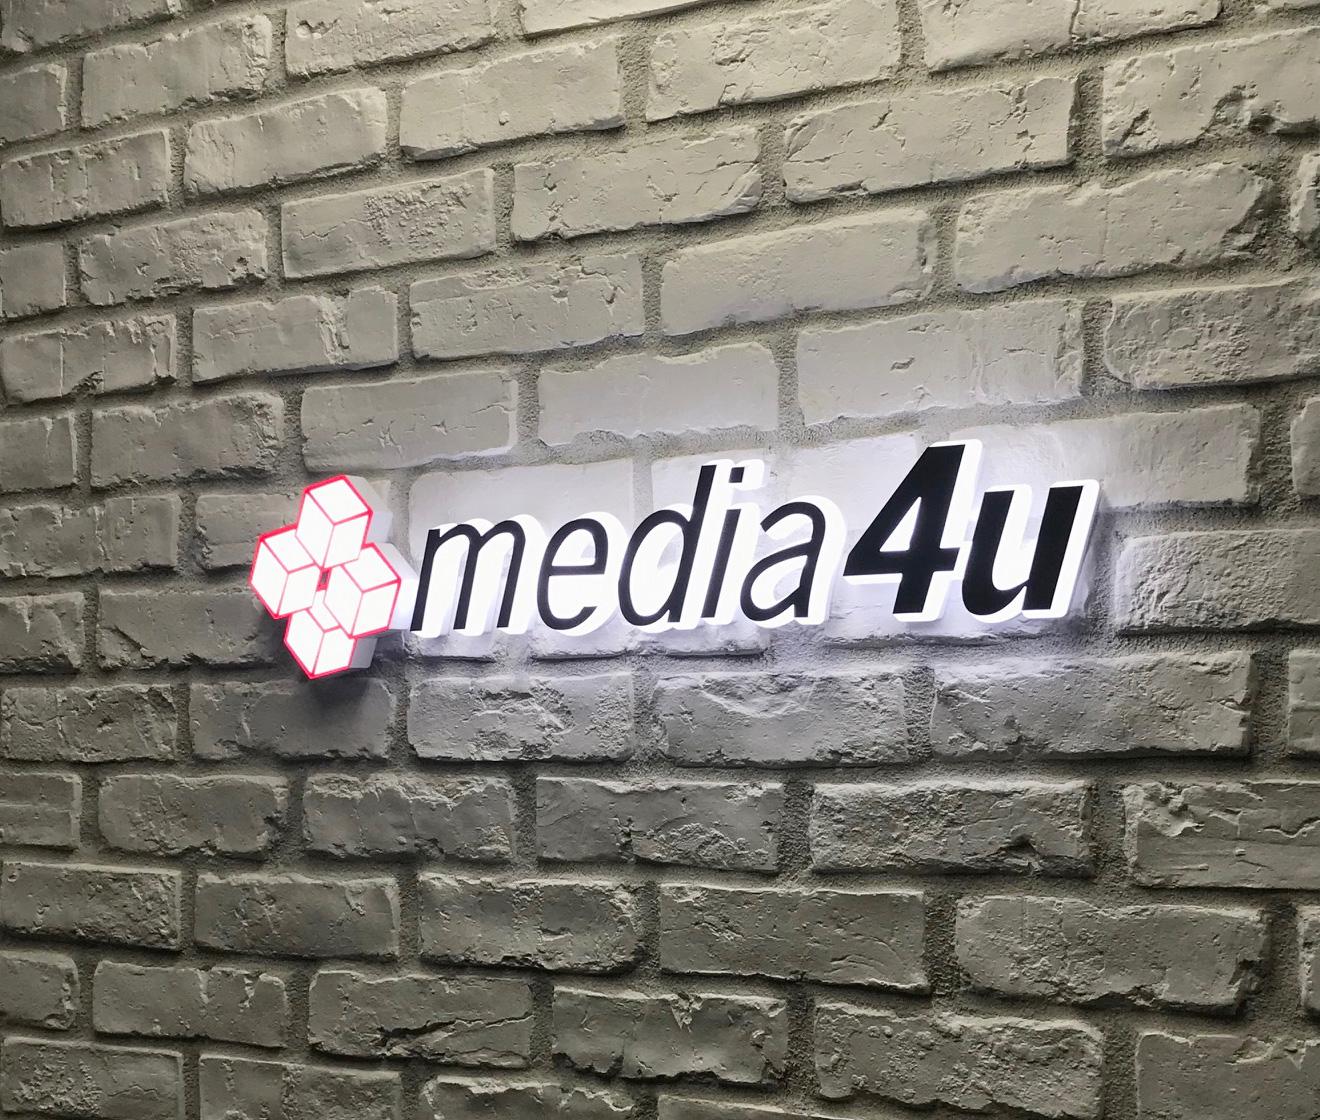 メディア4uについて